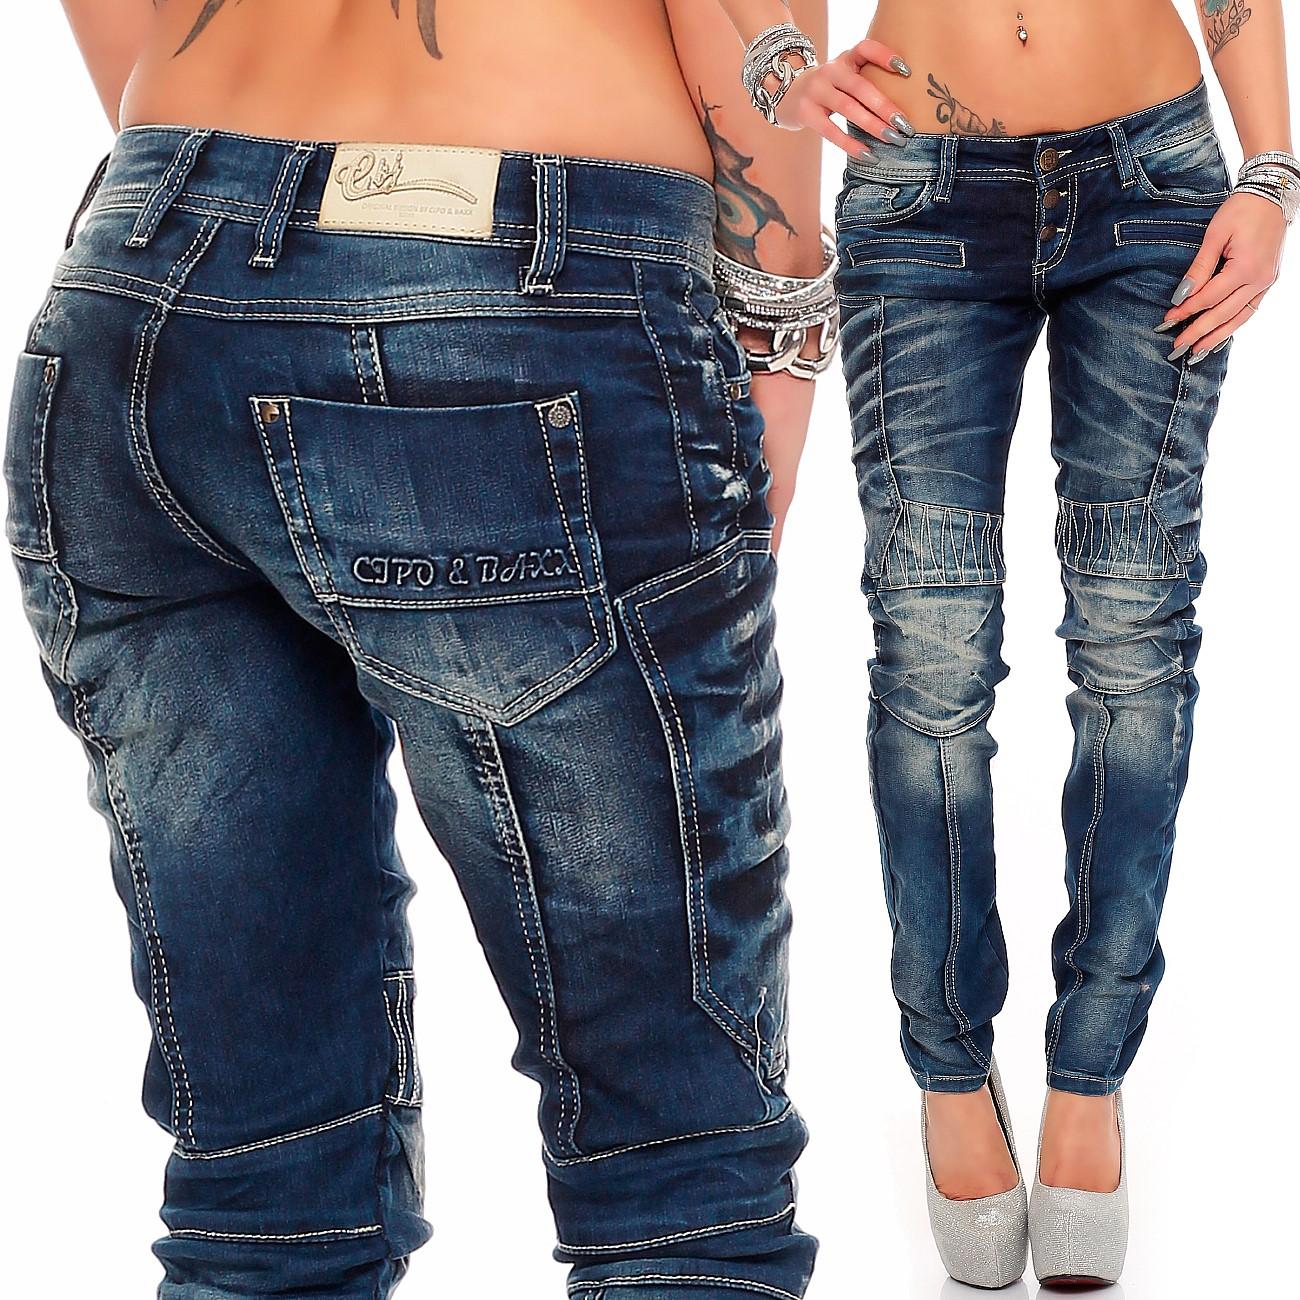 Verschiedene-Cipo-amp-Baxx-Damen-Jeans-Hosen-Slim-Fit-Regular-Fit-Streetwear Indexbild 35